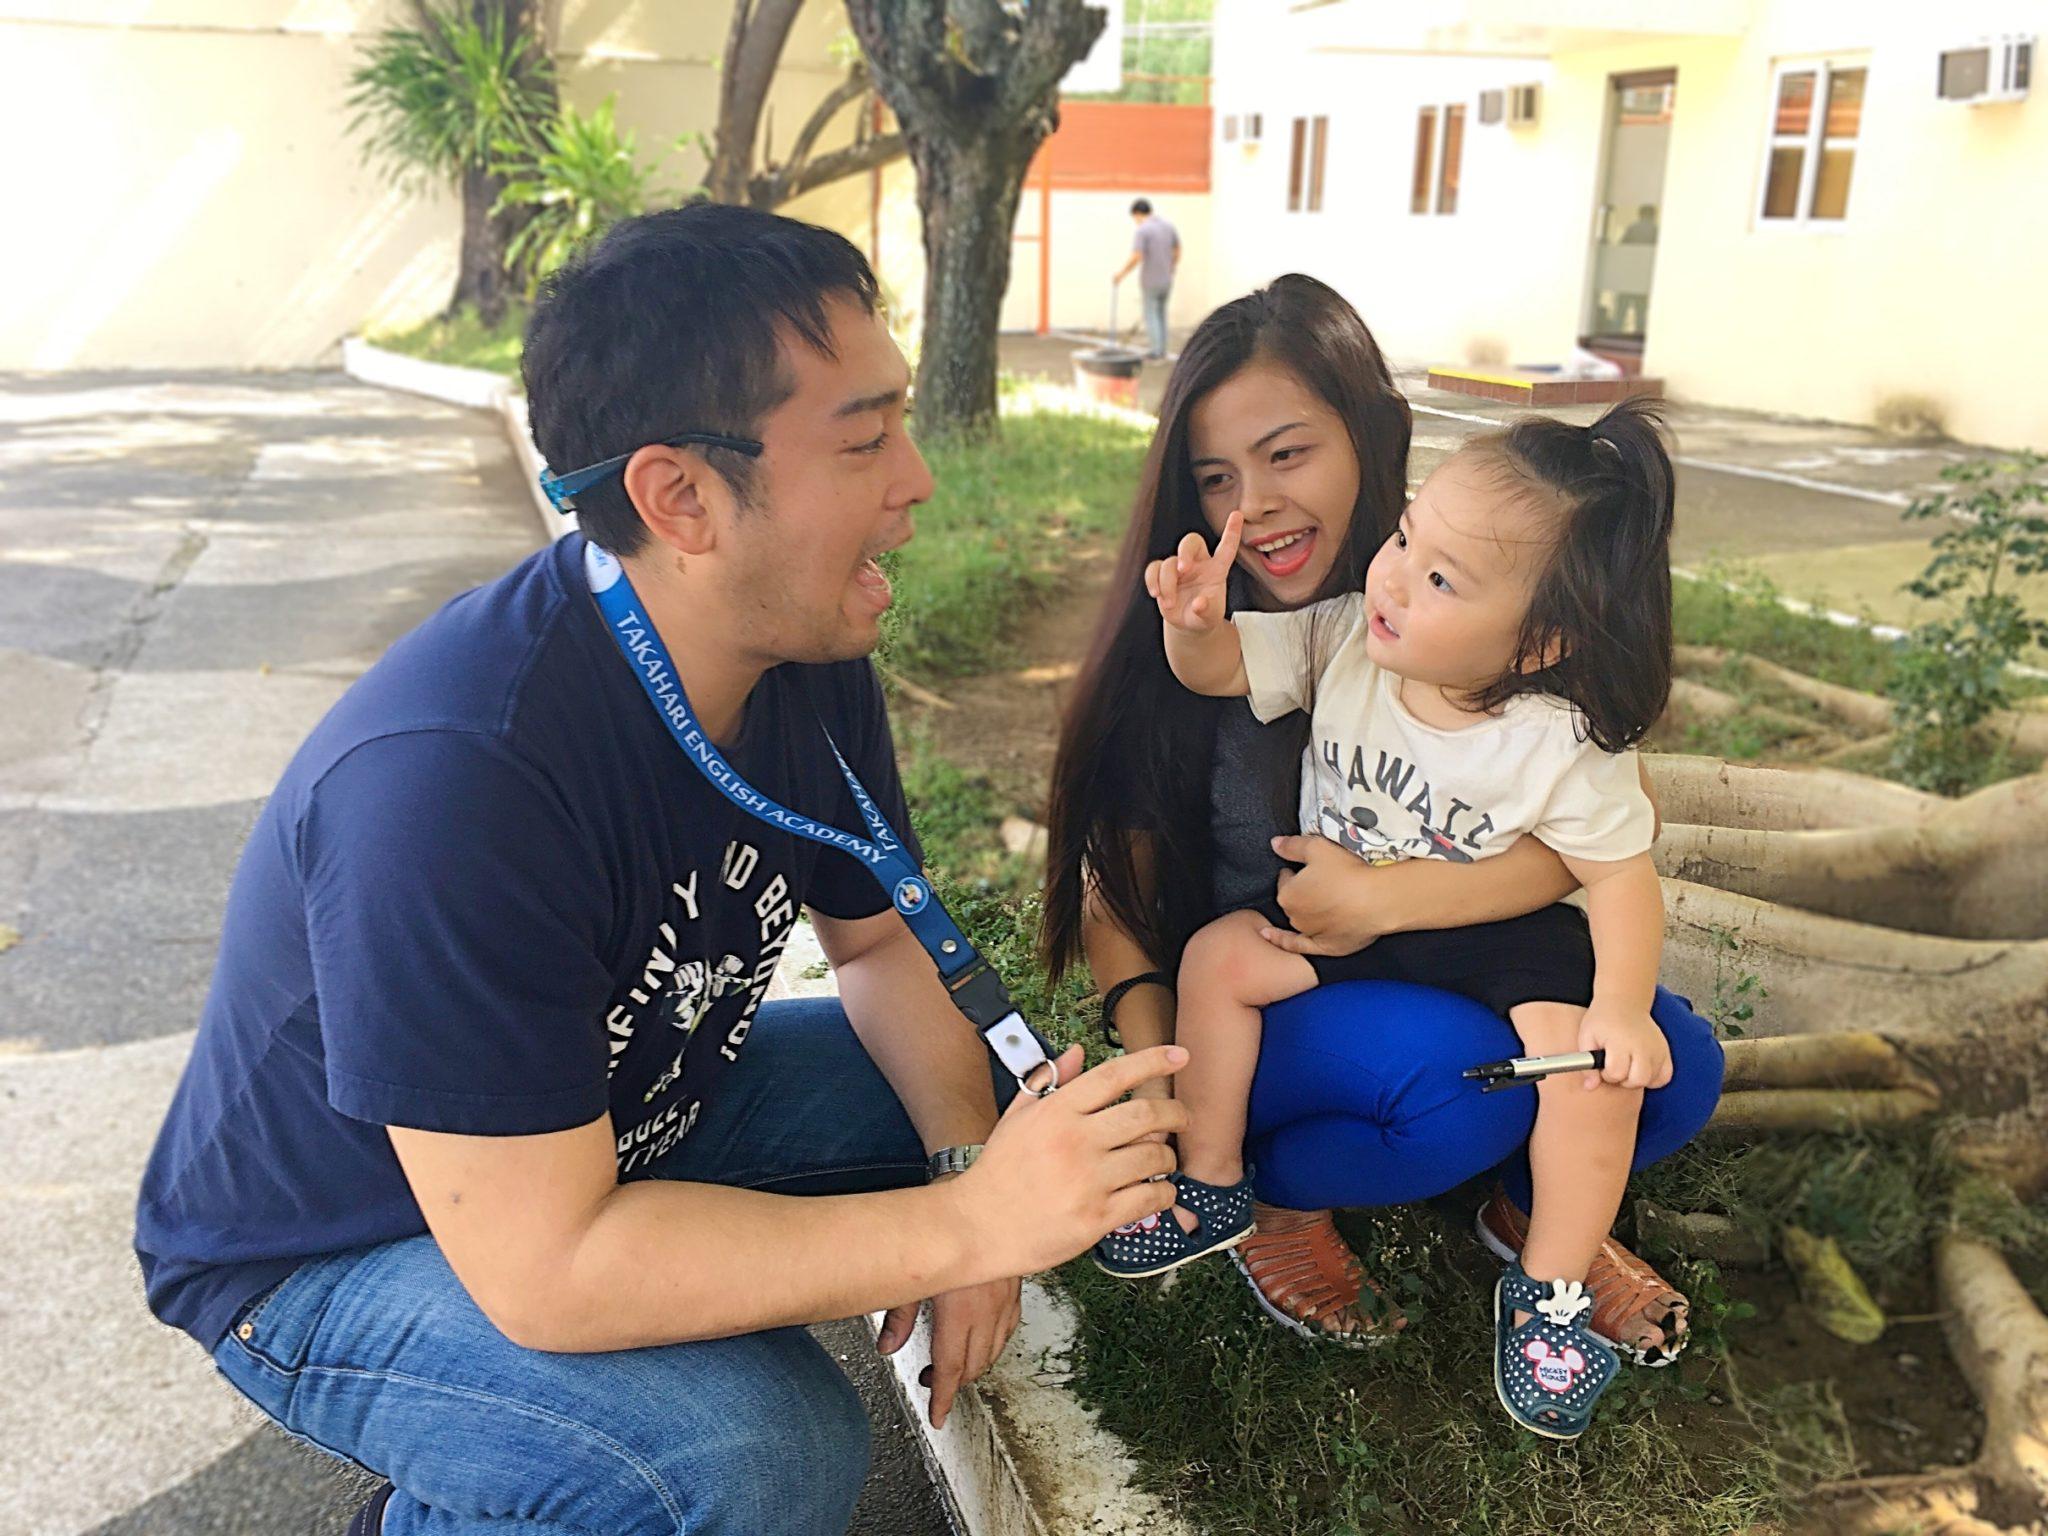 校長の今藤貴茂。コミュニケーションを楽しむアットホームな雰囲気です。